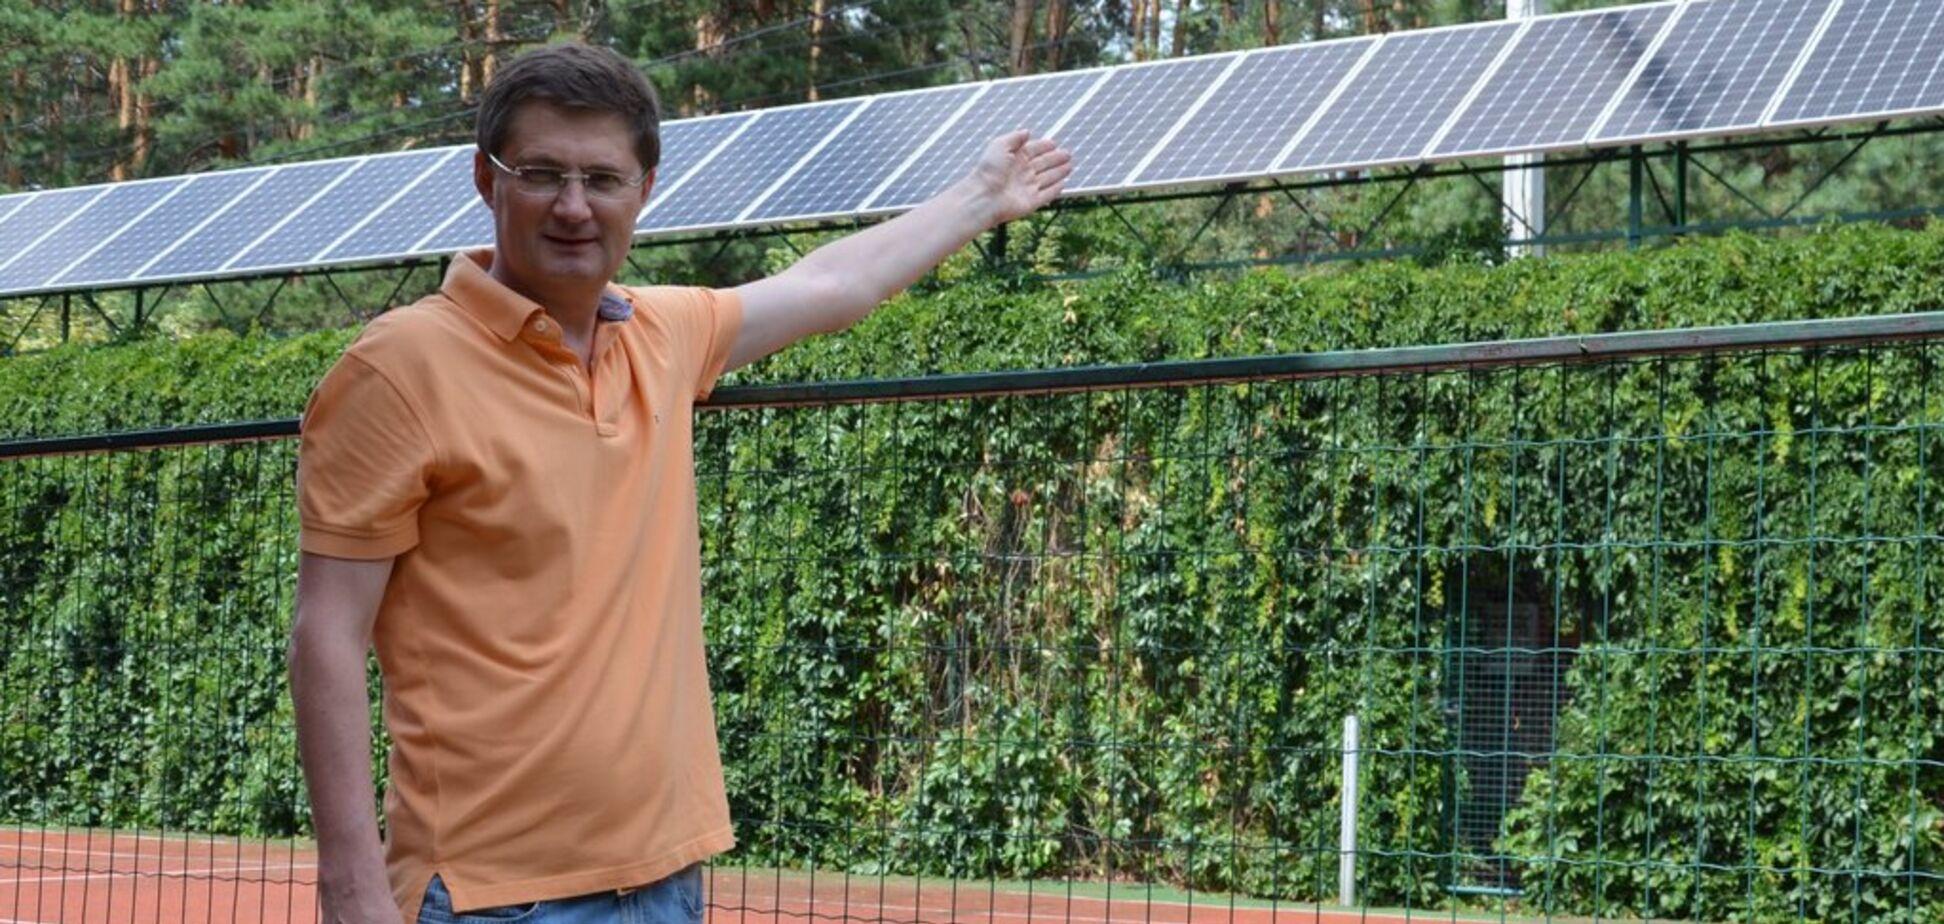 Украинский телеведущий впервые сказал, сколько заработал на солнечных панелях